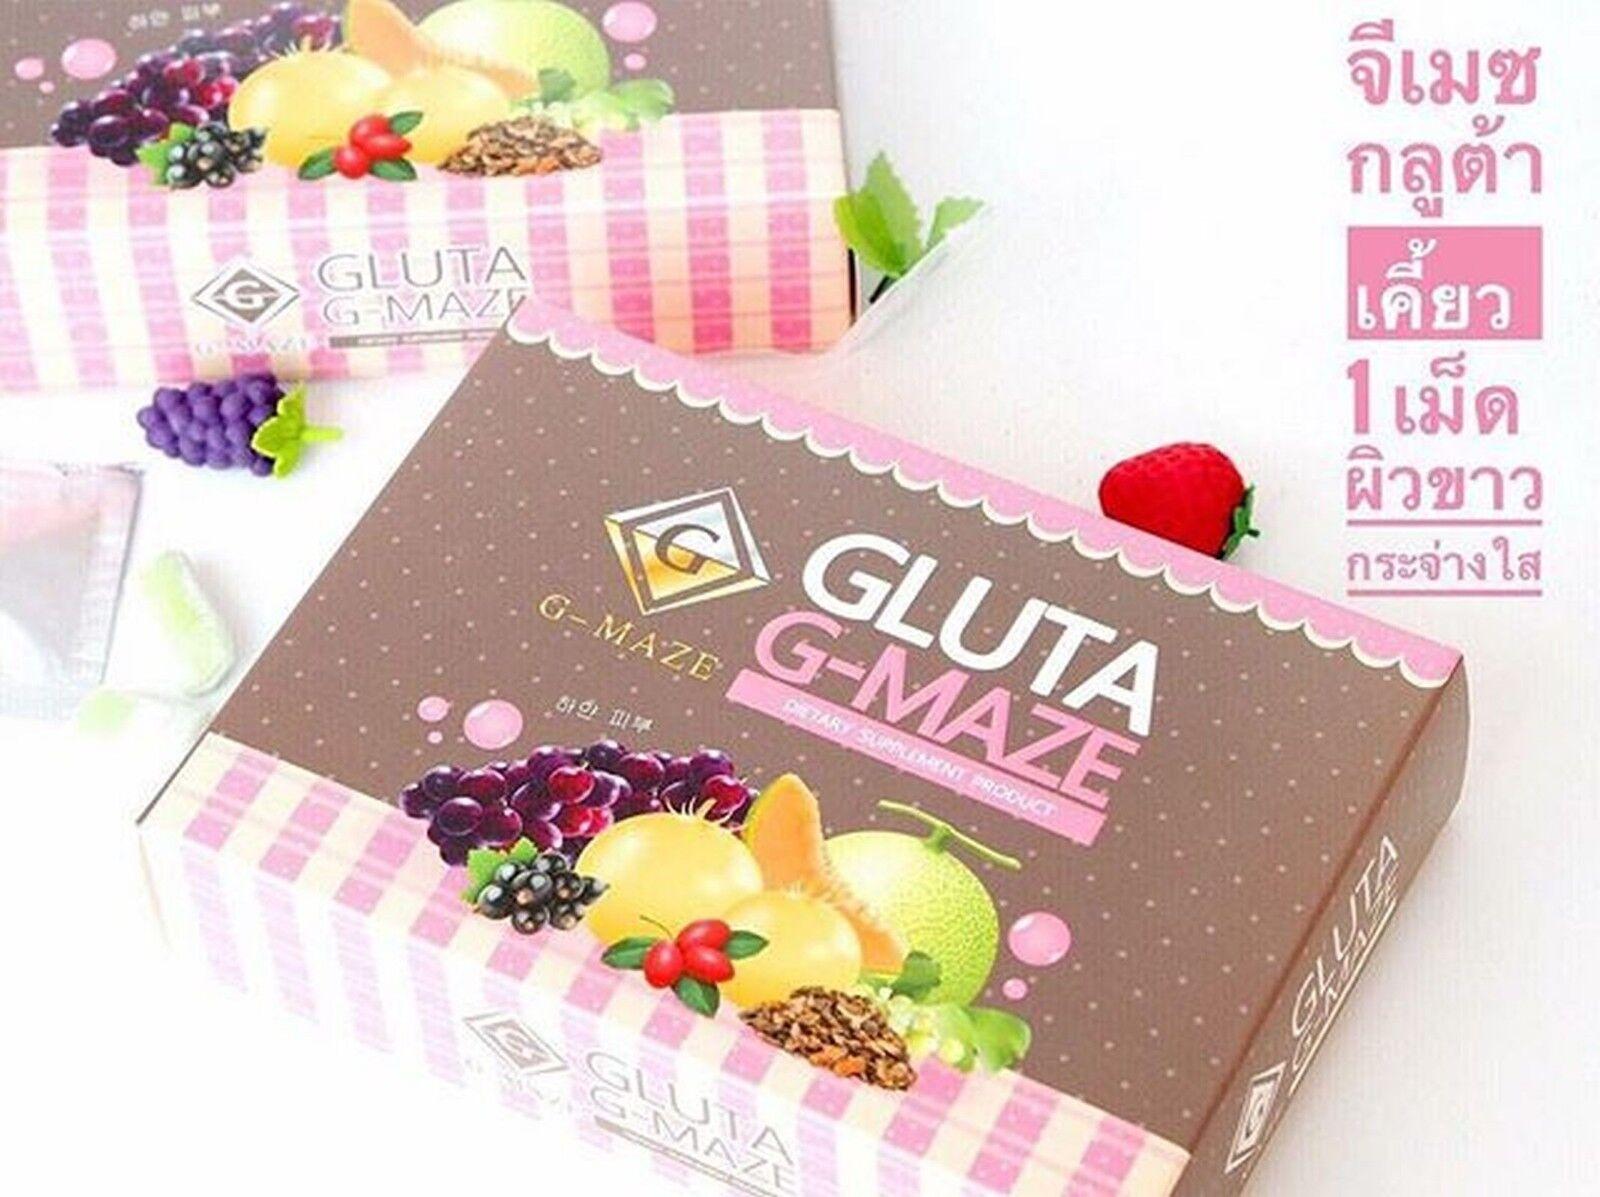 4x Gluta G-maze Fast & Safe Way to Whitening Skin Edible Glutathione